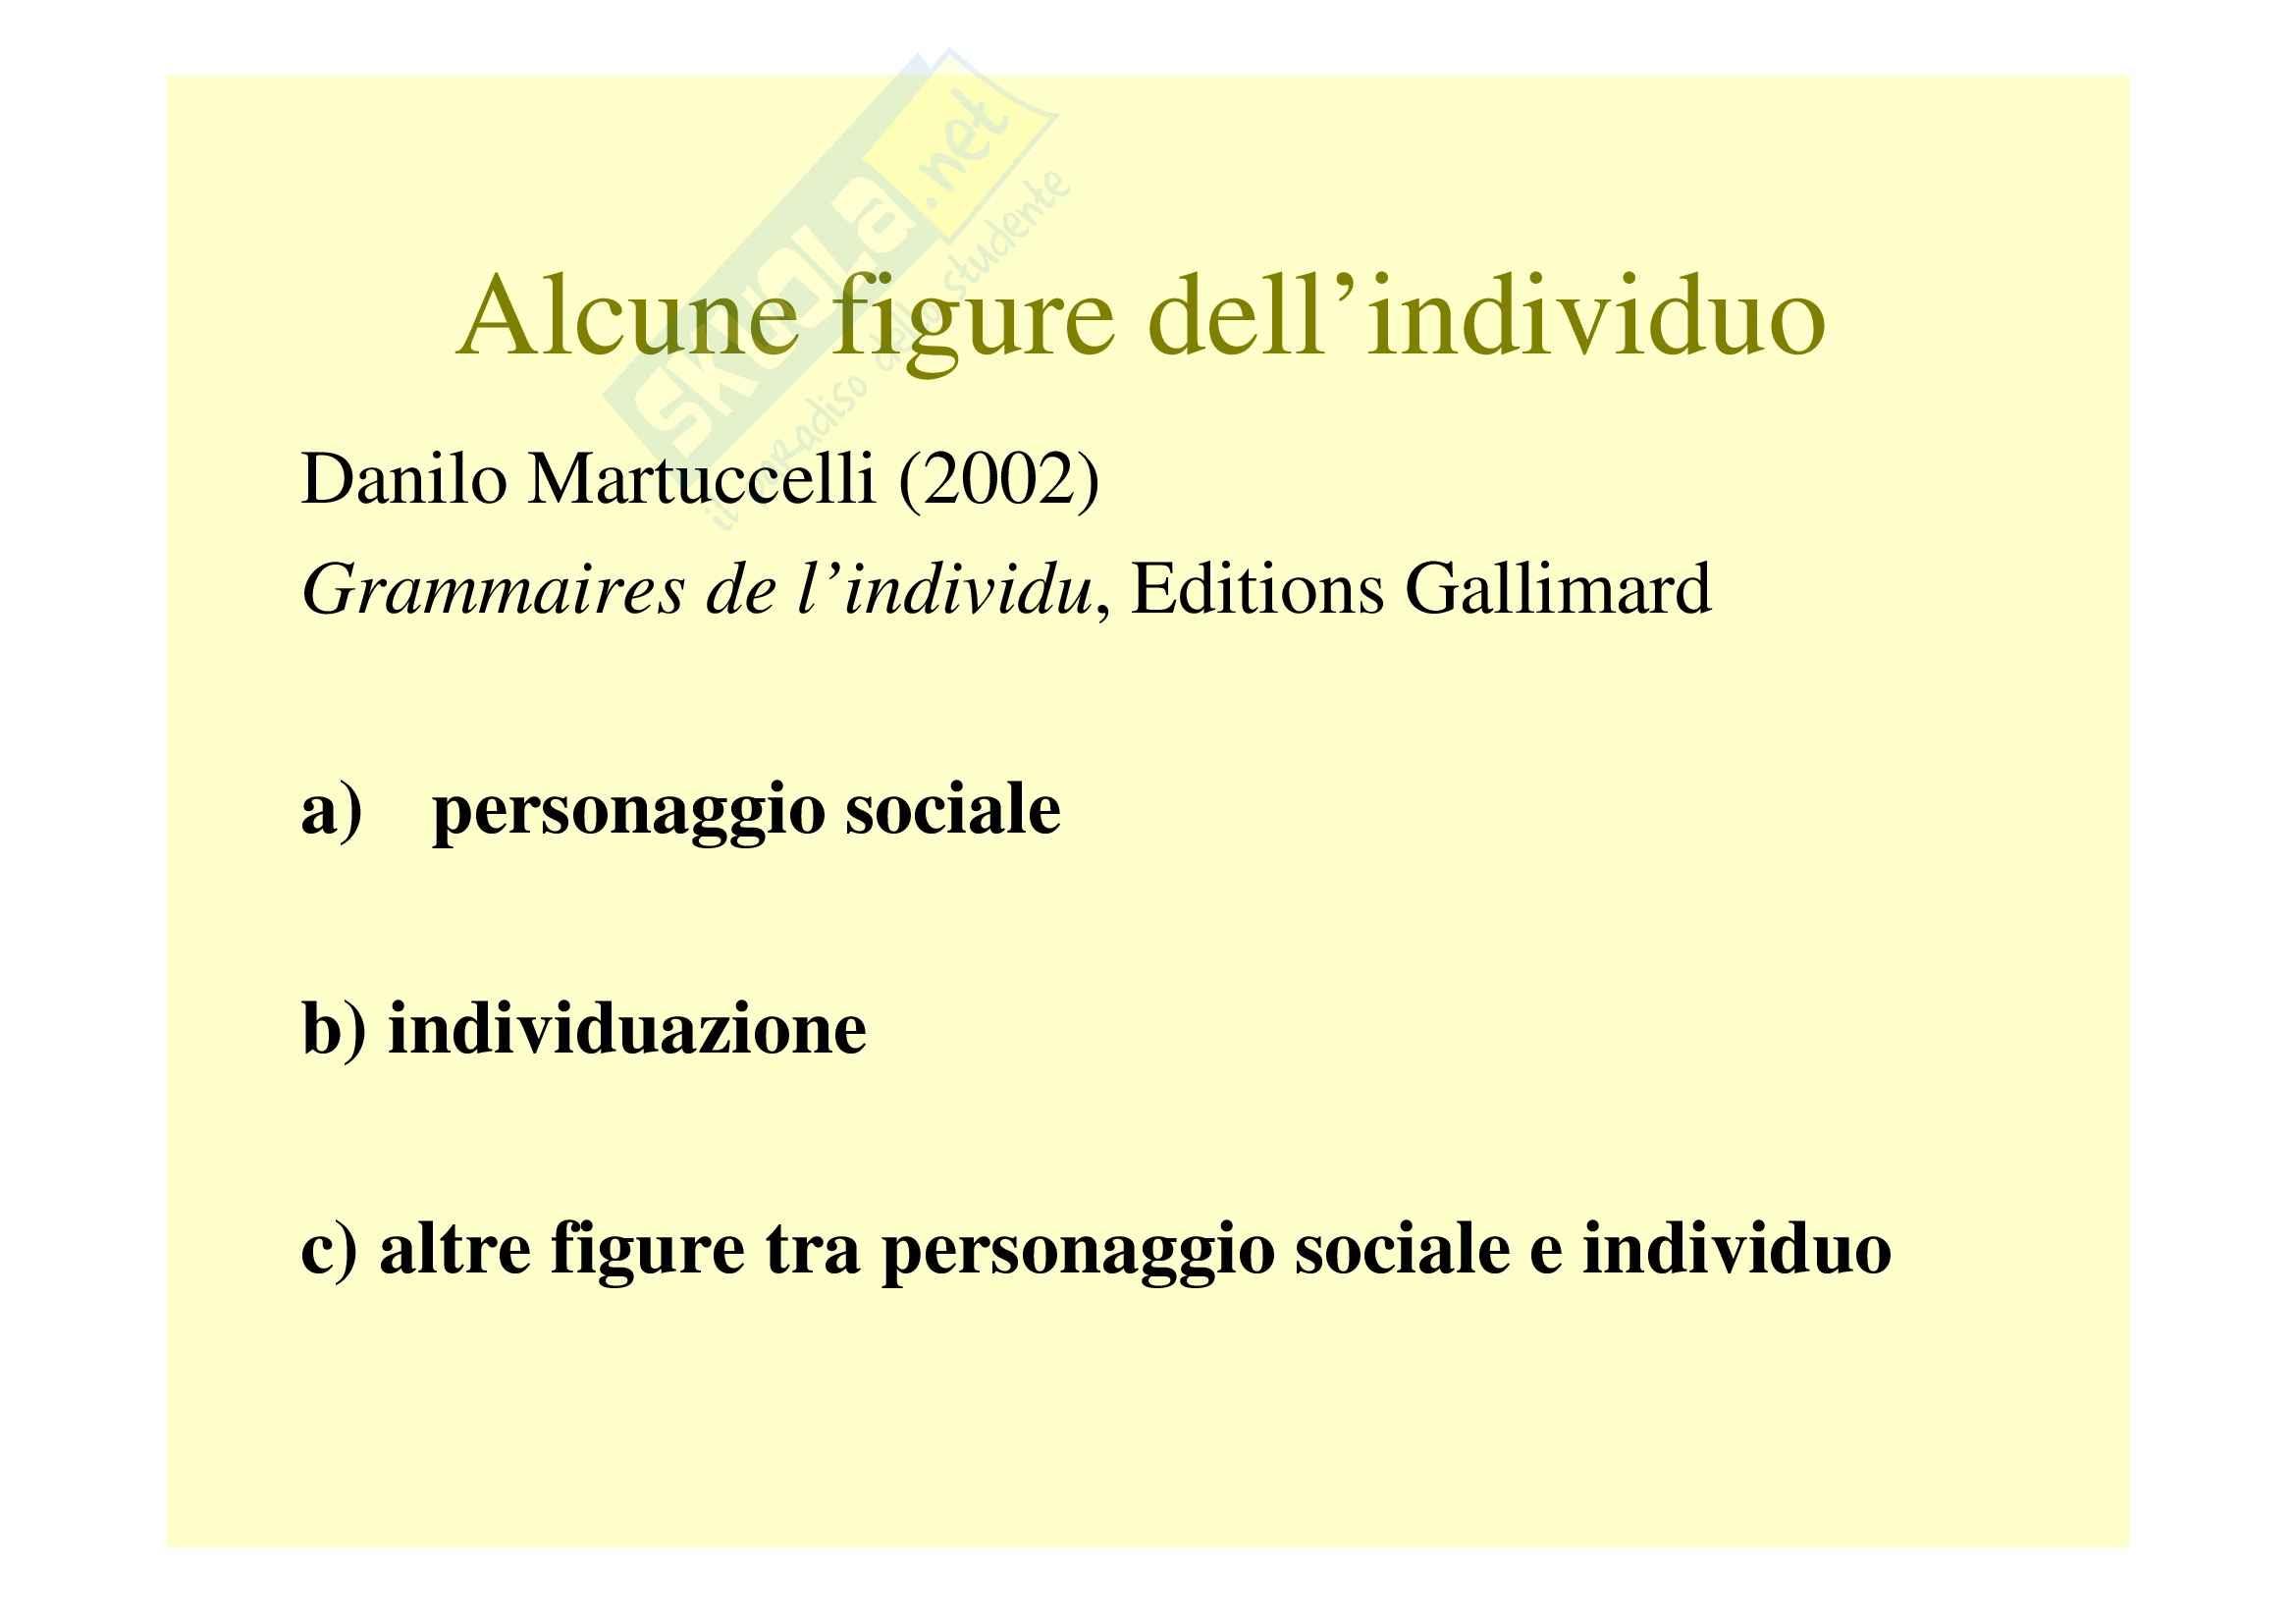 Alcune figure dell'individuo Pag. 2